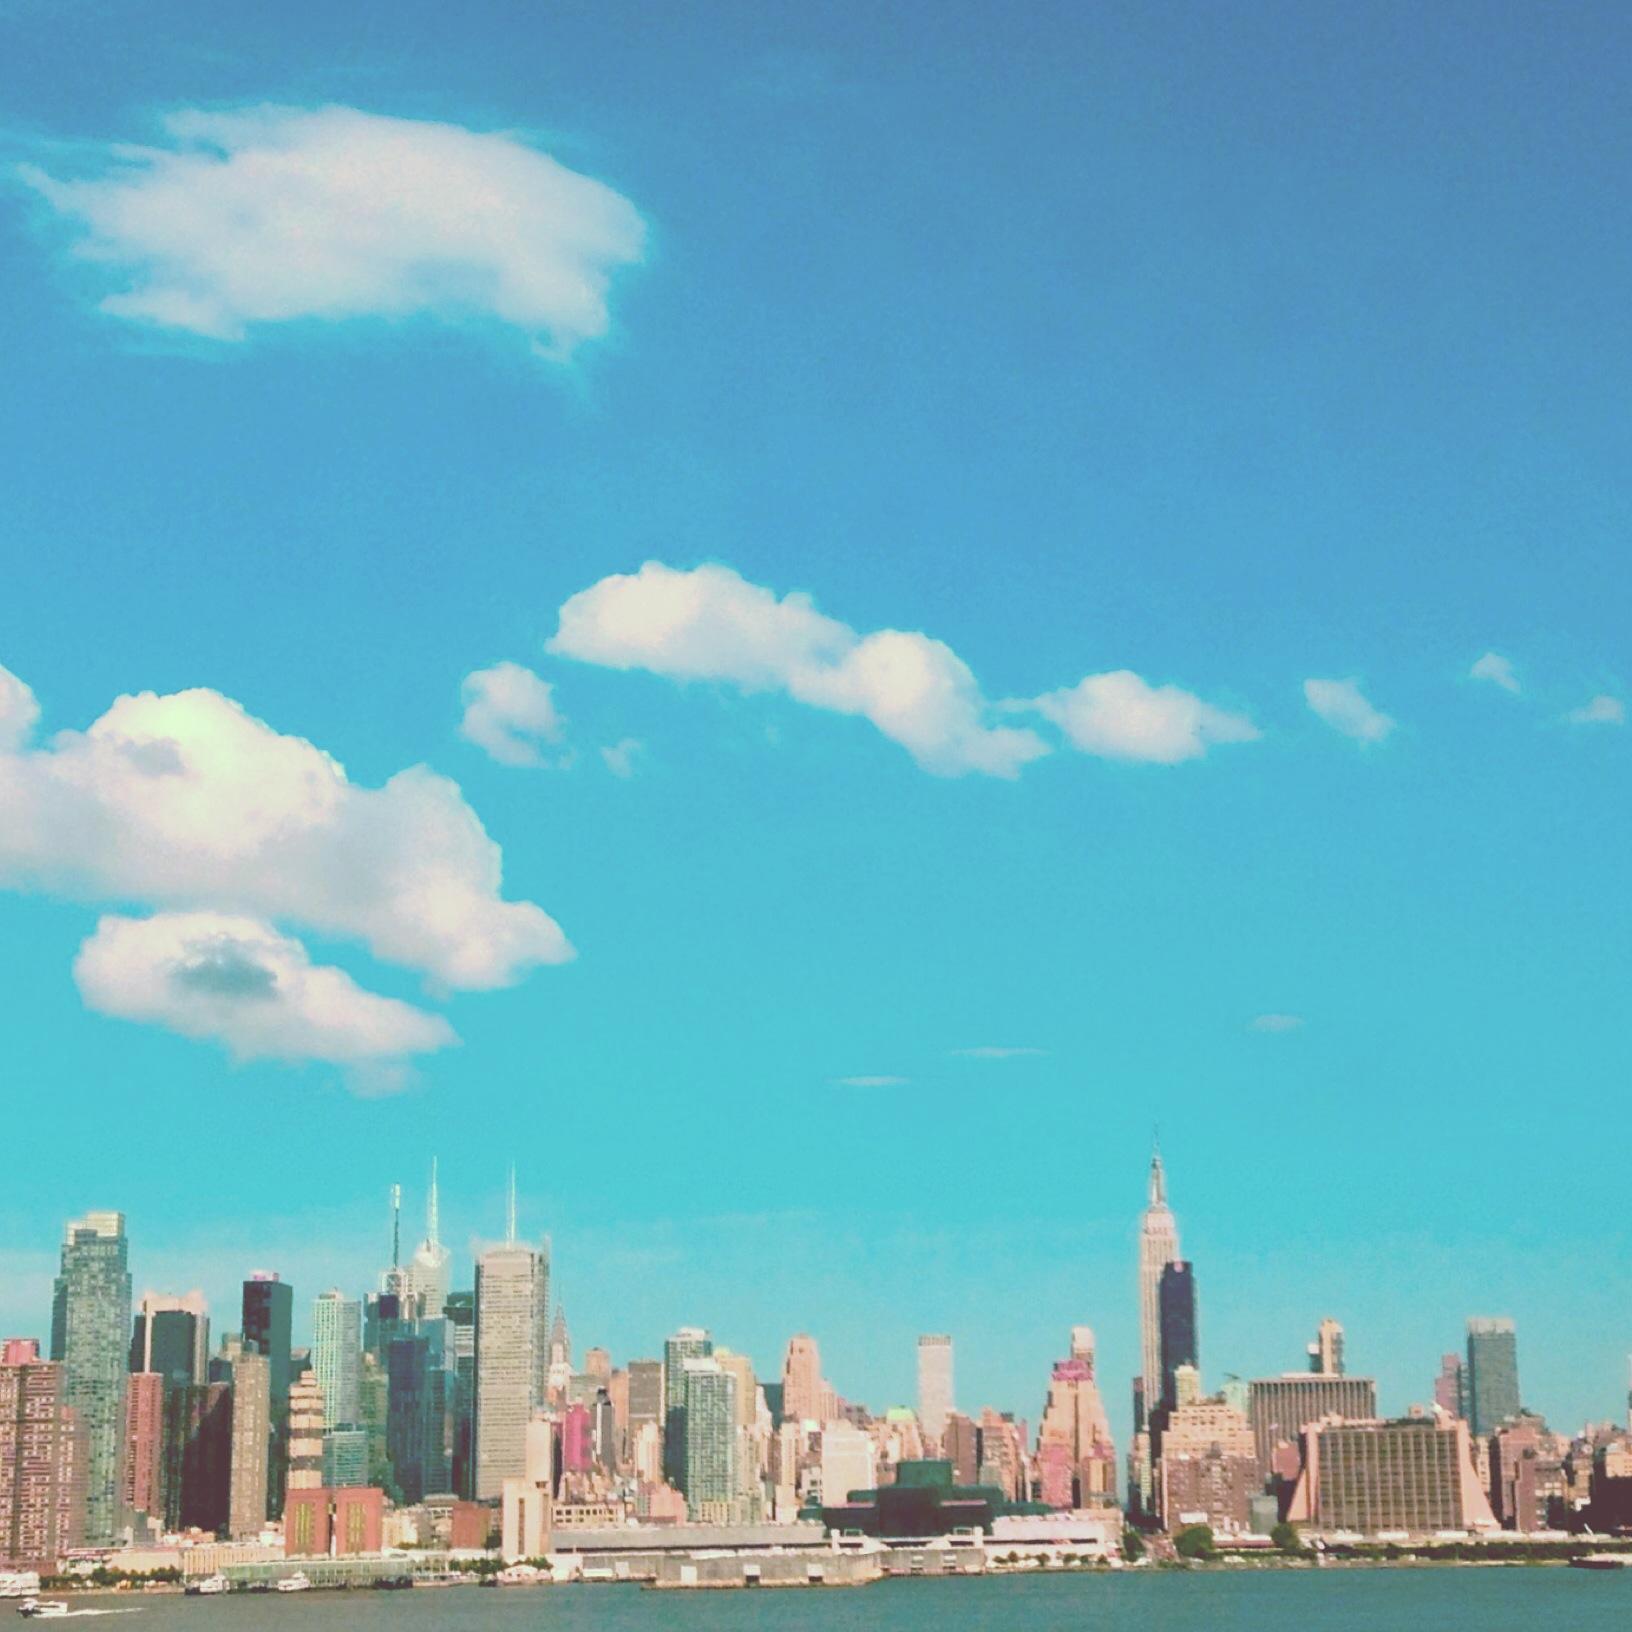 NYC turquoise skyline